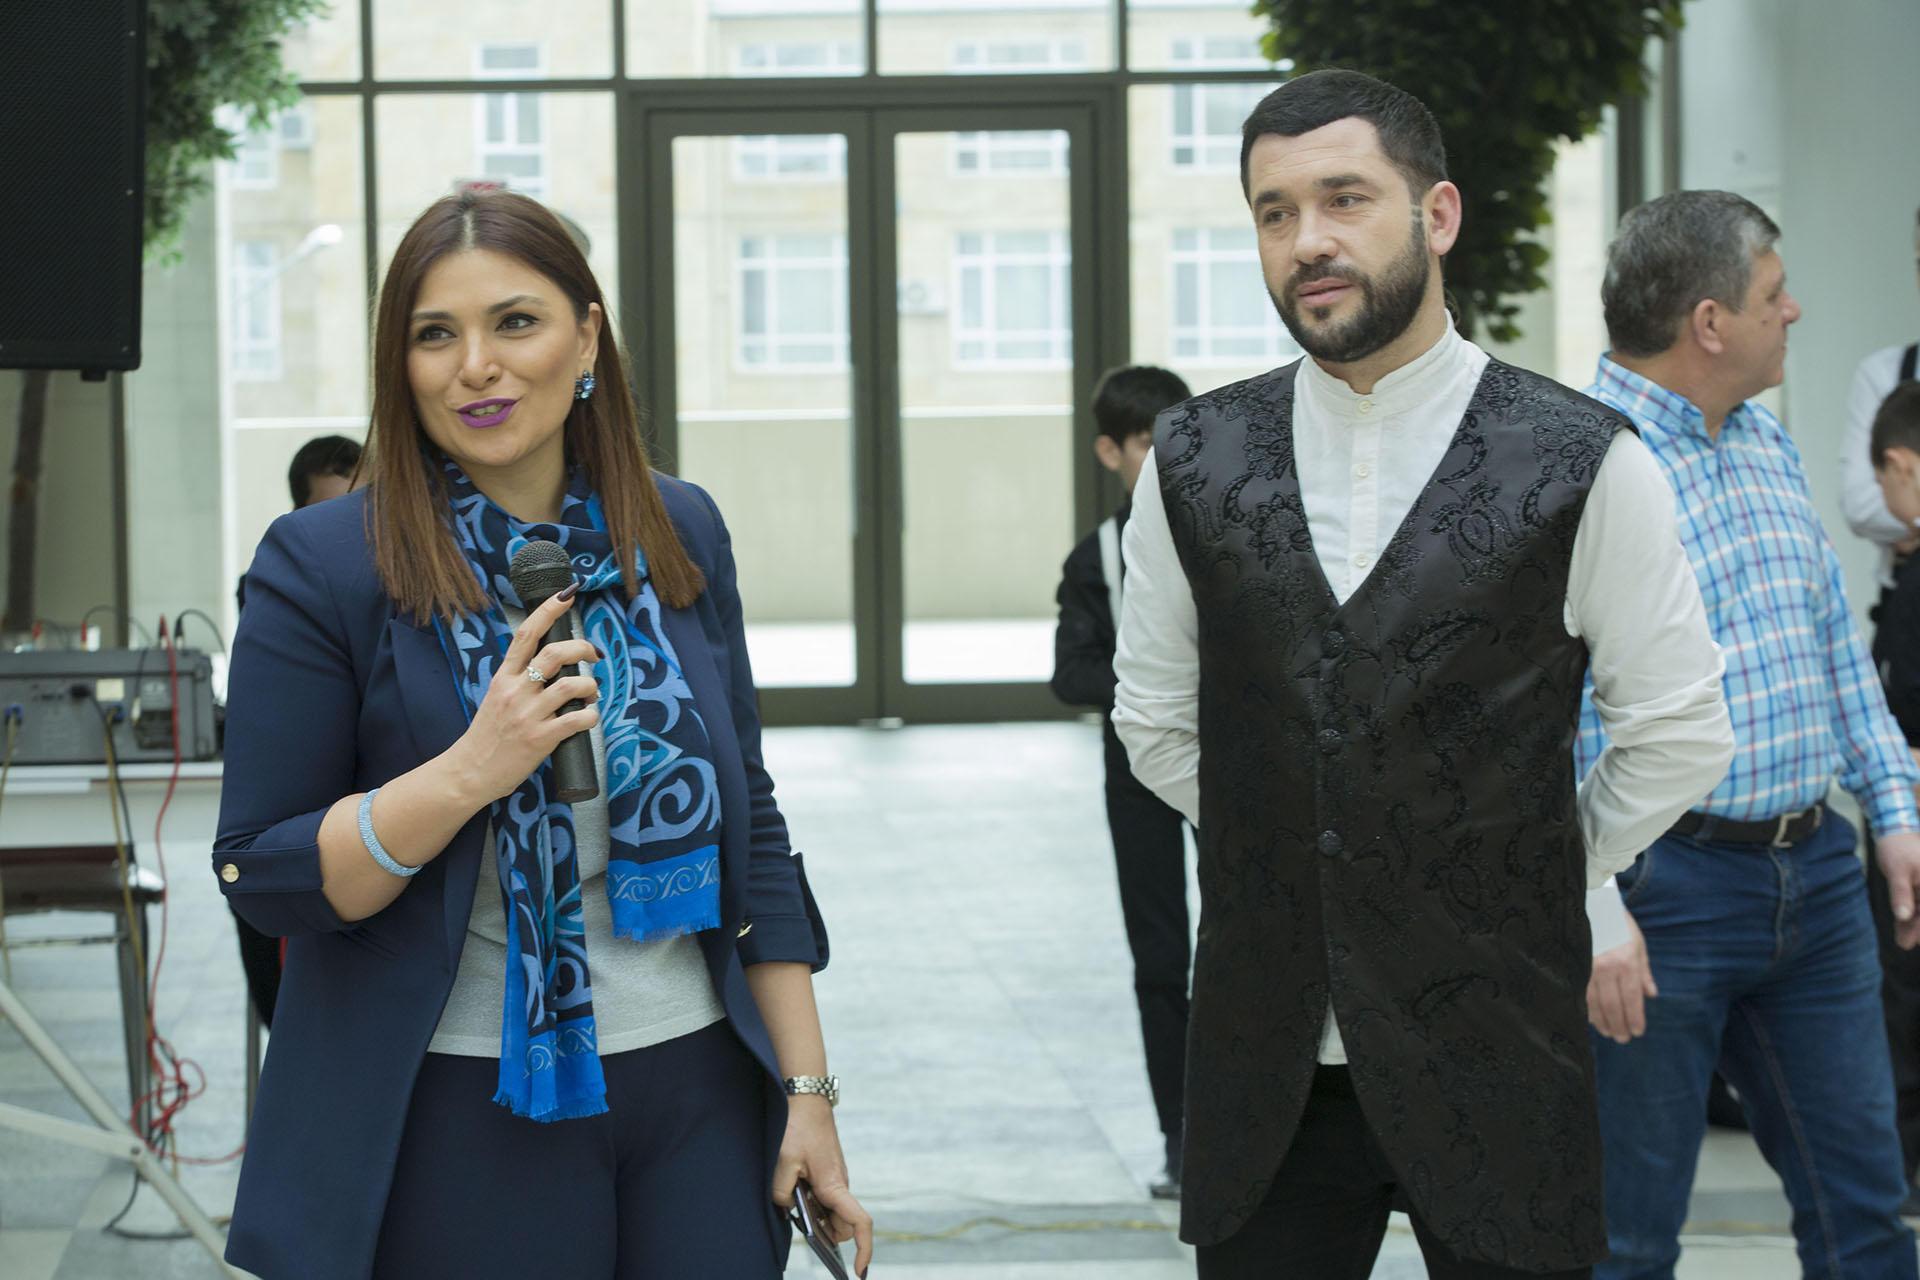 Bakı sərnişin stansiyasında Novruz şənliyi (FOTO) - Gallery Image